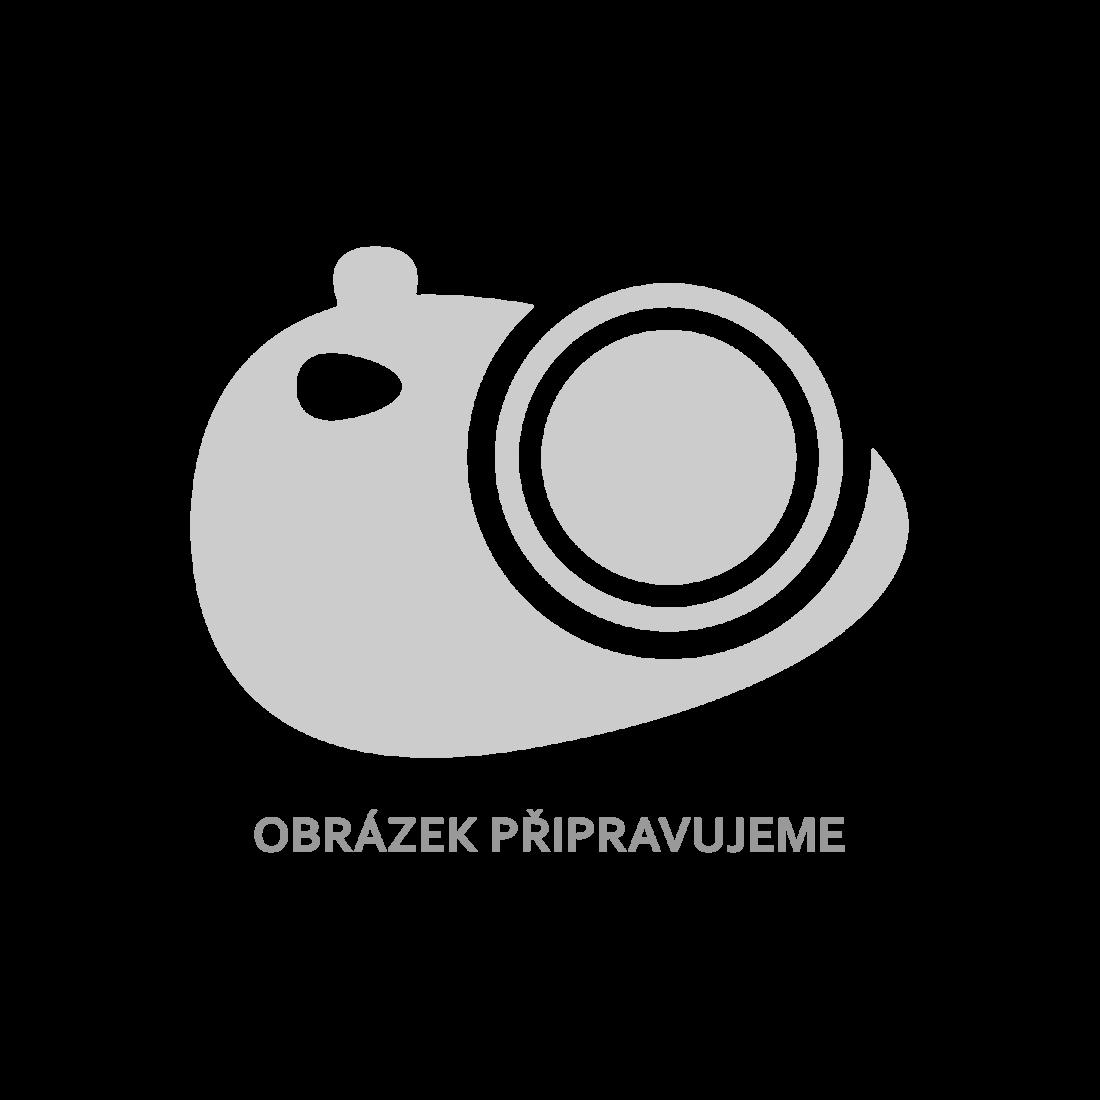 Jídelní set: bílé židle štíhlé 6 ks a 1 skleněný stůl